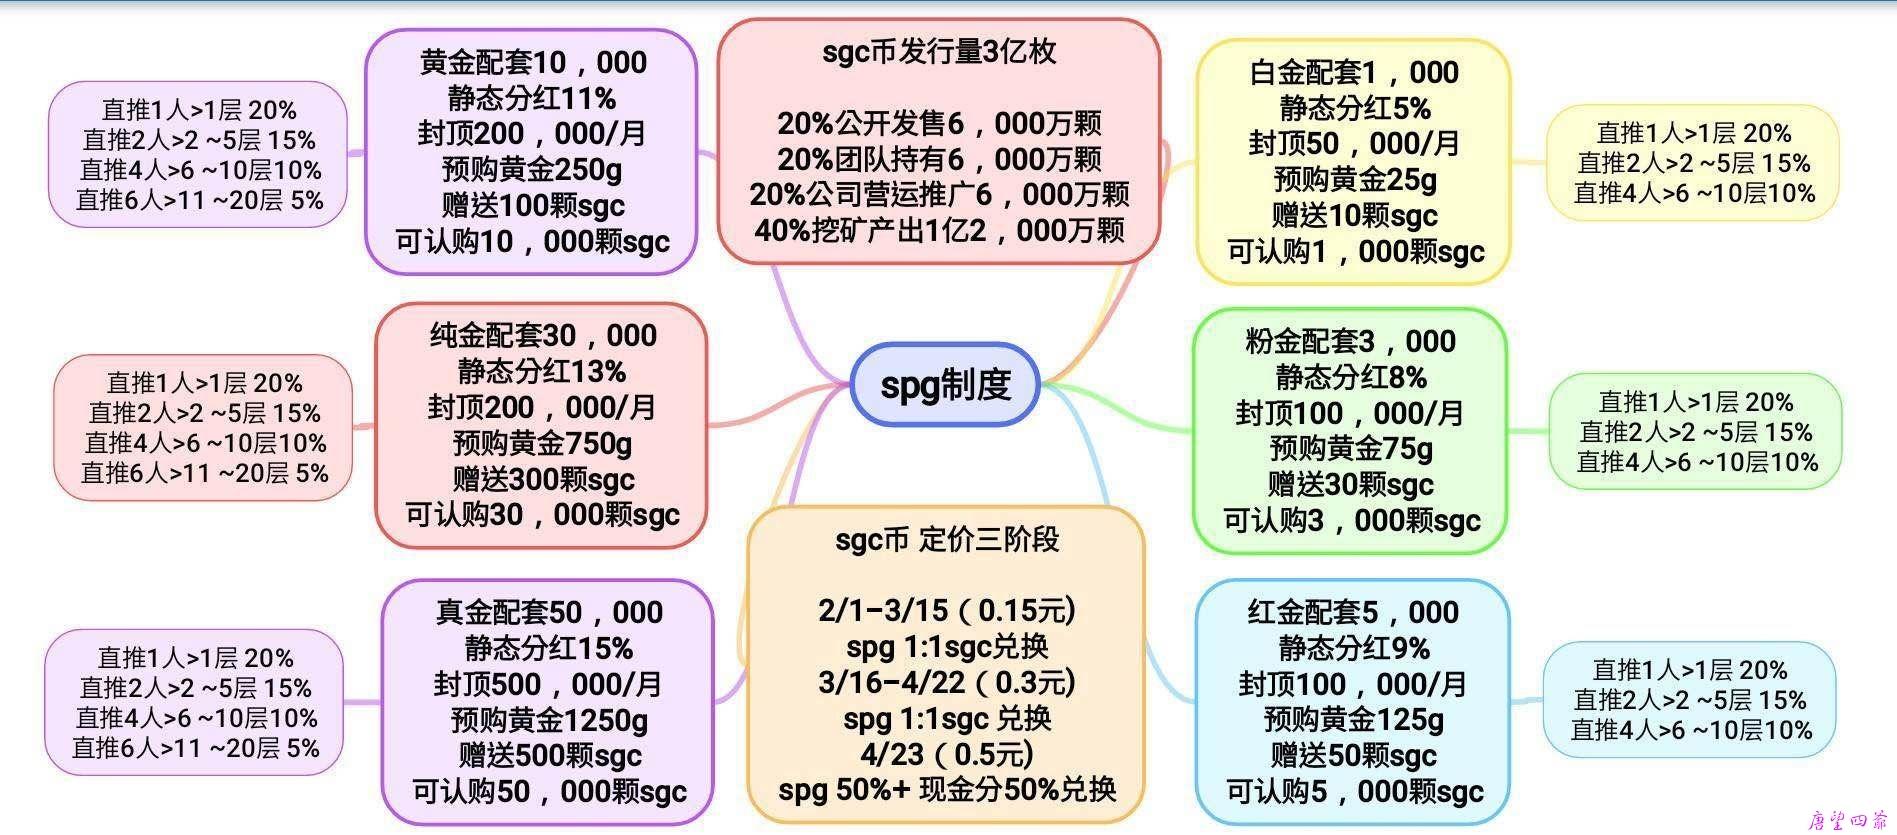 超级金矿SPG制度说明